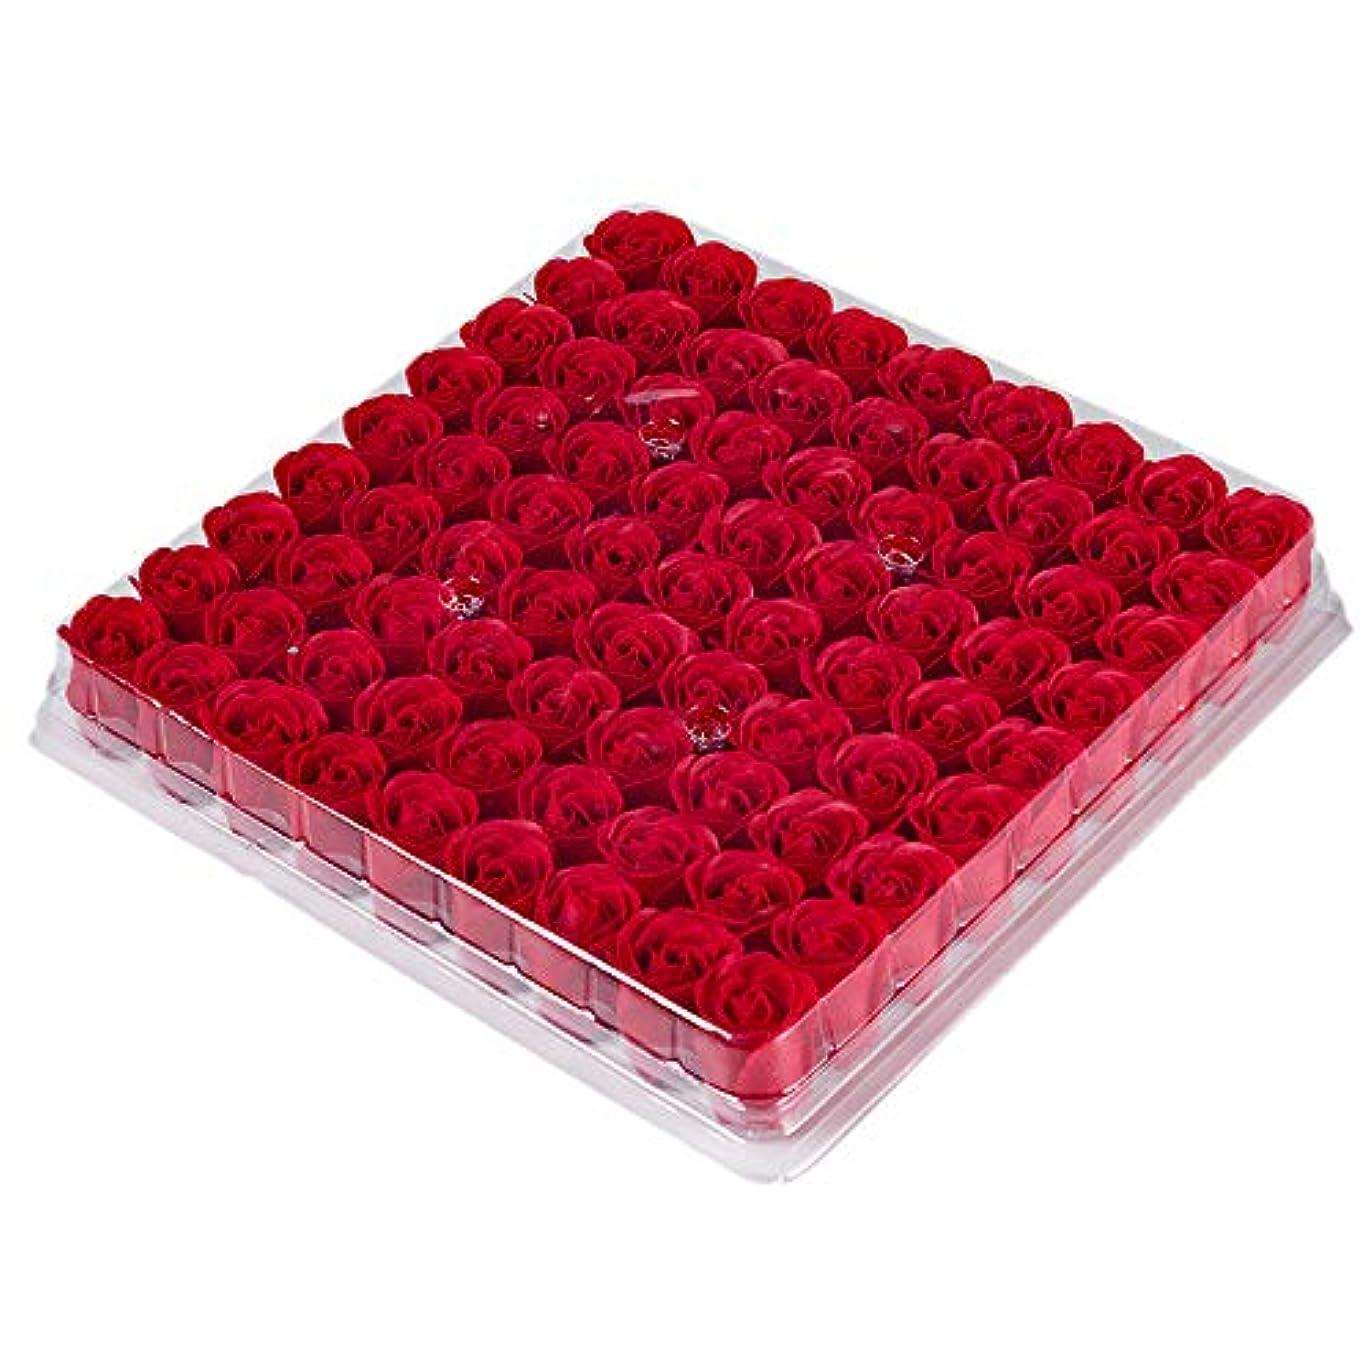 はっきりしない失速懐疑的RETYLY 81個の薔薇、バス ボディ フラワー?フローラルの石けん 香りのよいローズフラワー エッセンシャルオイル フローラルのお客様への石鹸 ウェディング、パーティー、バレンタインデーの贈り物、赤色